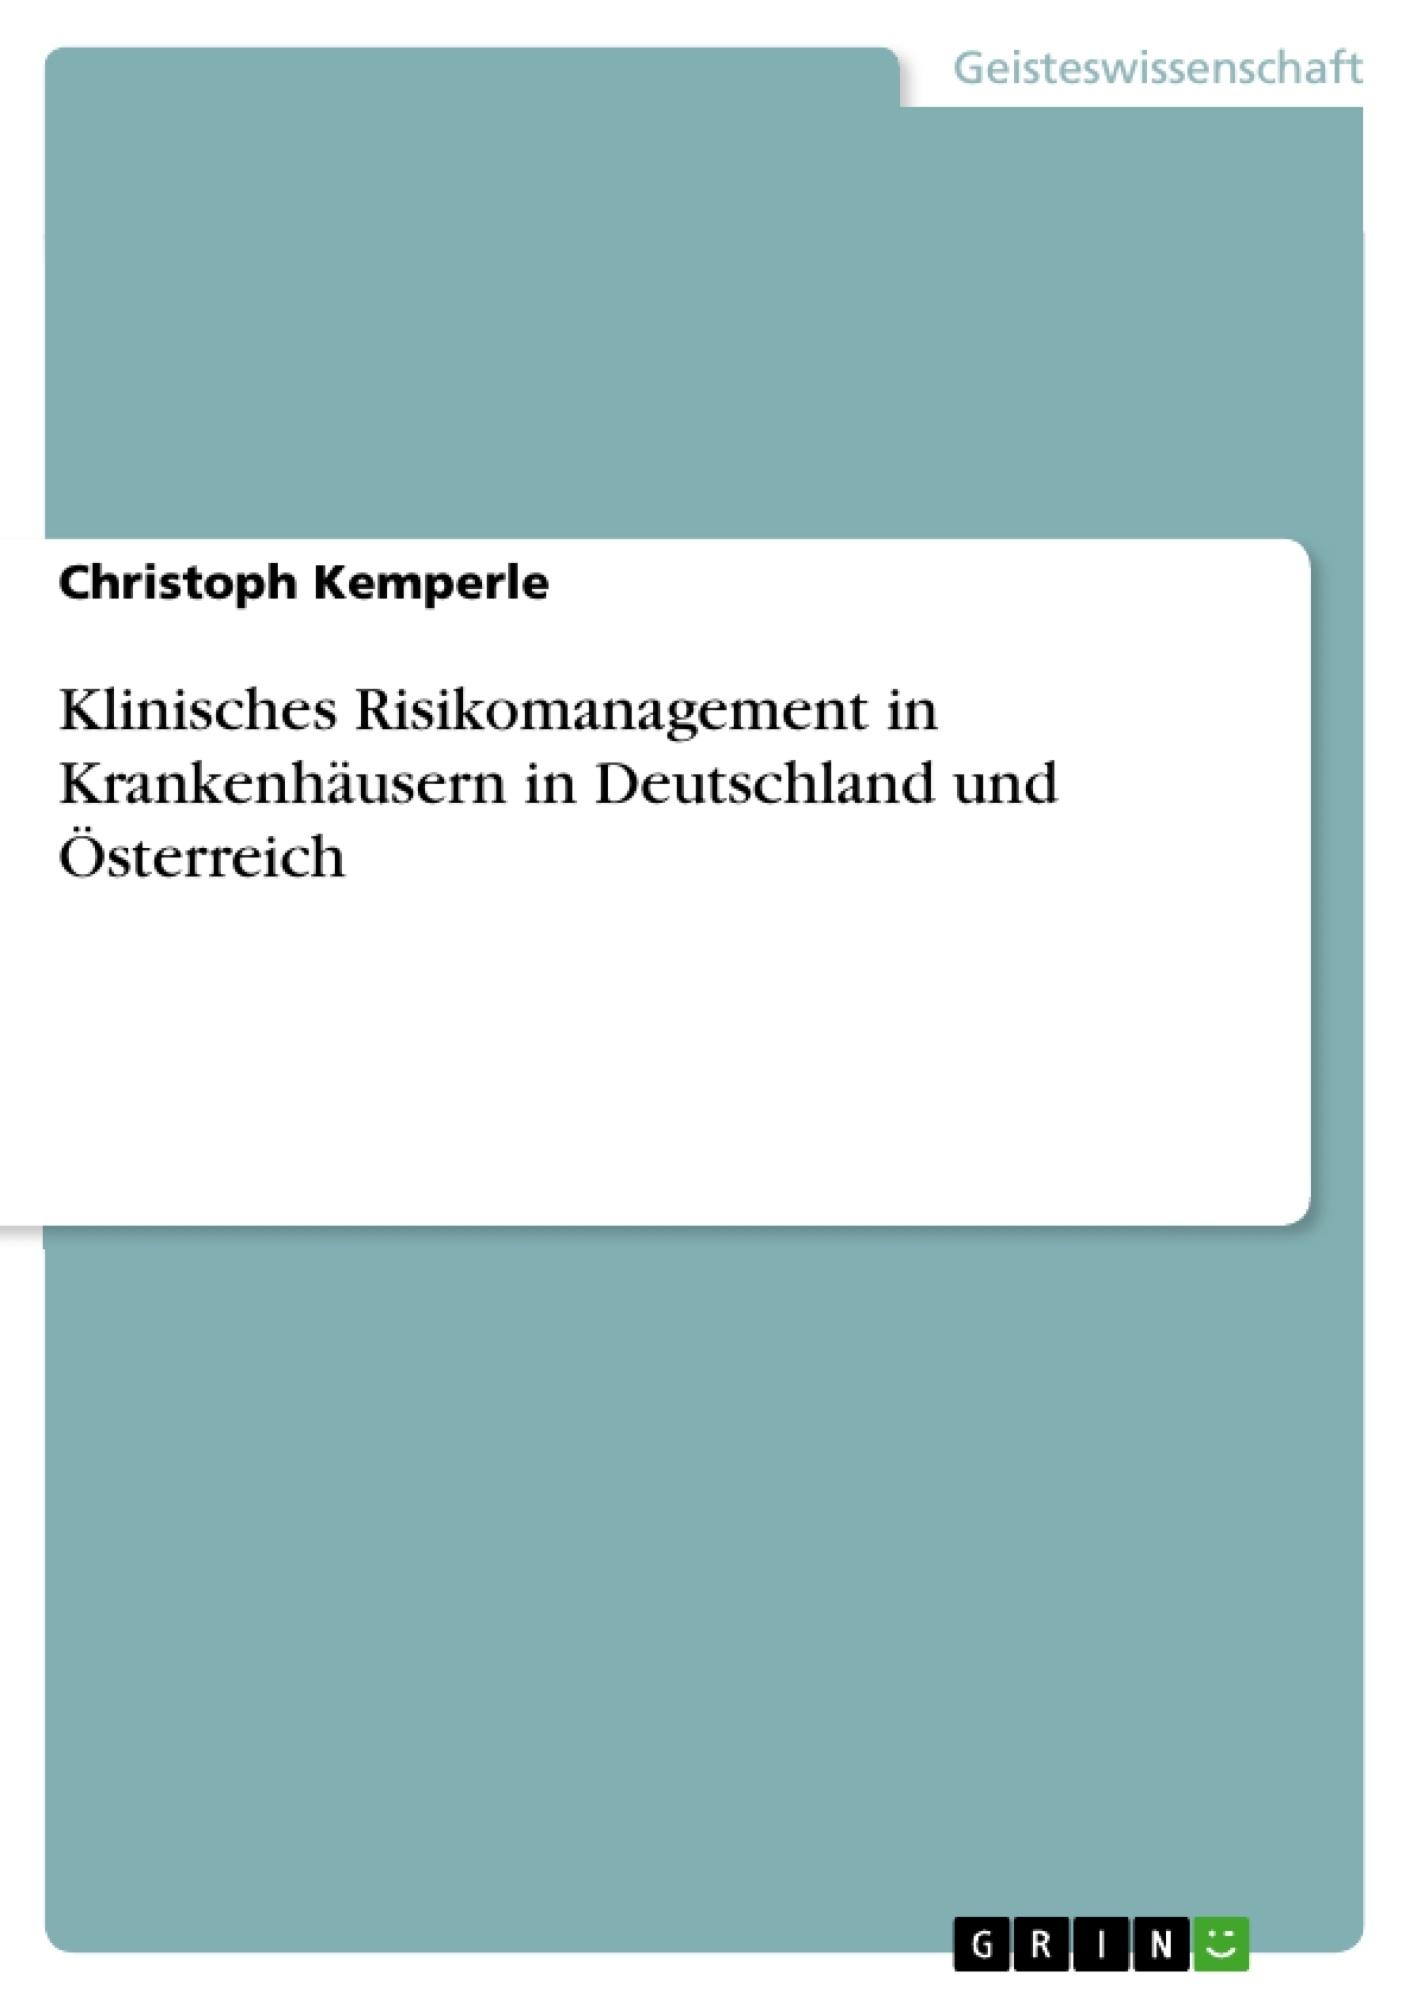 Titel: Klinisches Risikomanagement in Krankenhäusern in Deutschland und Österreich